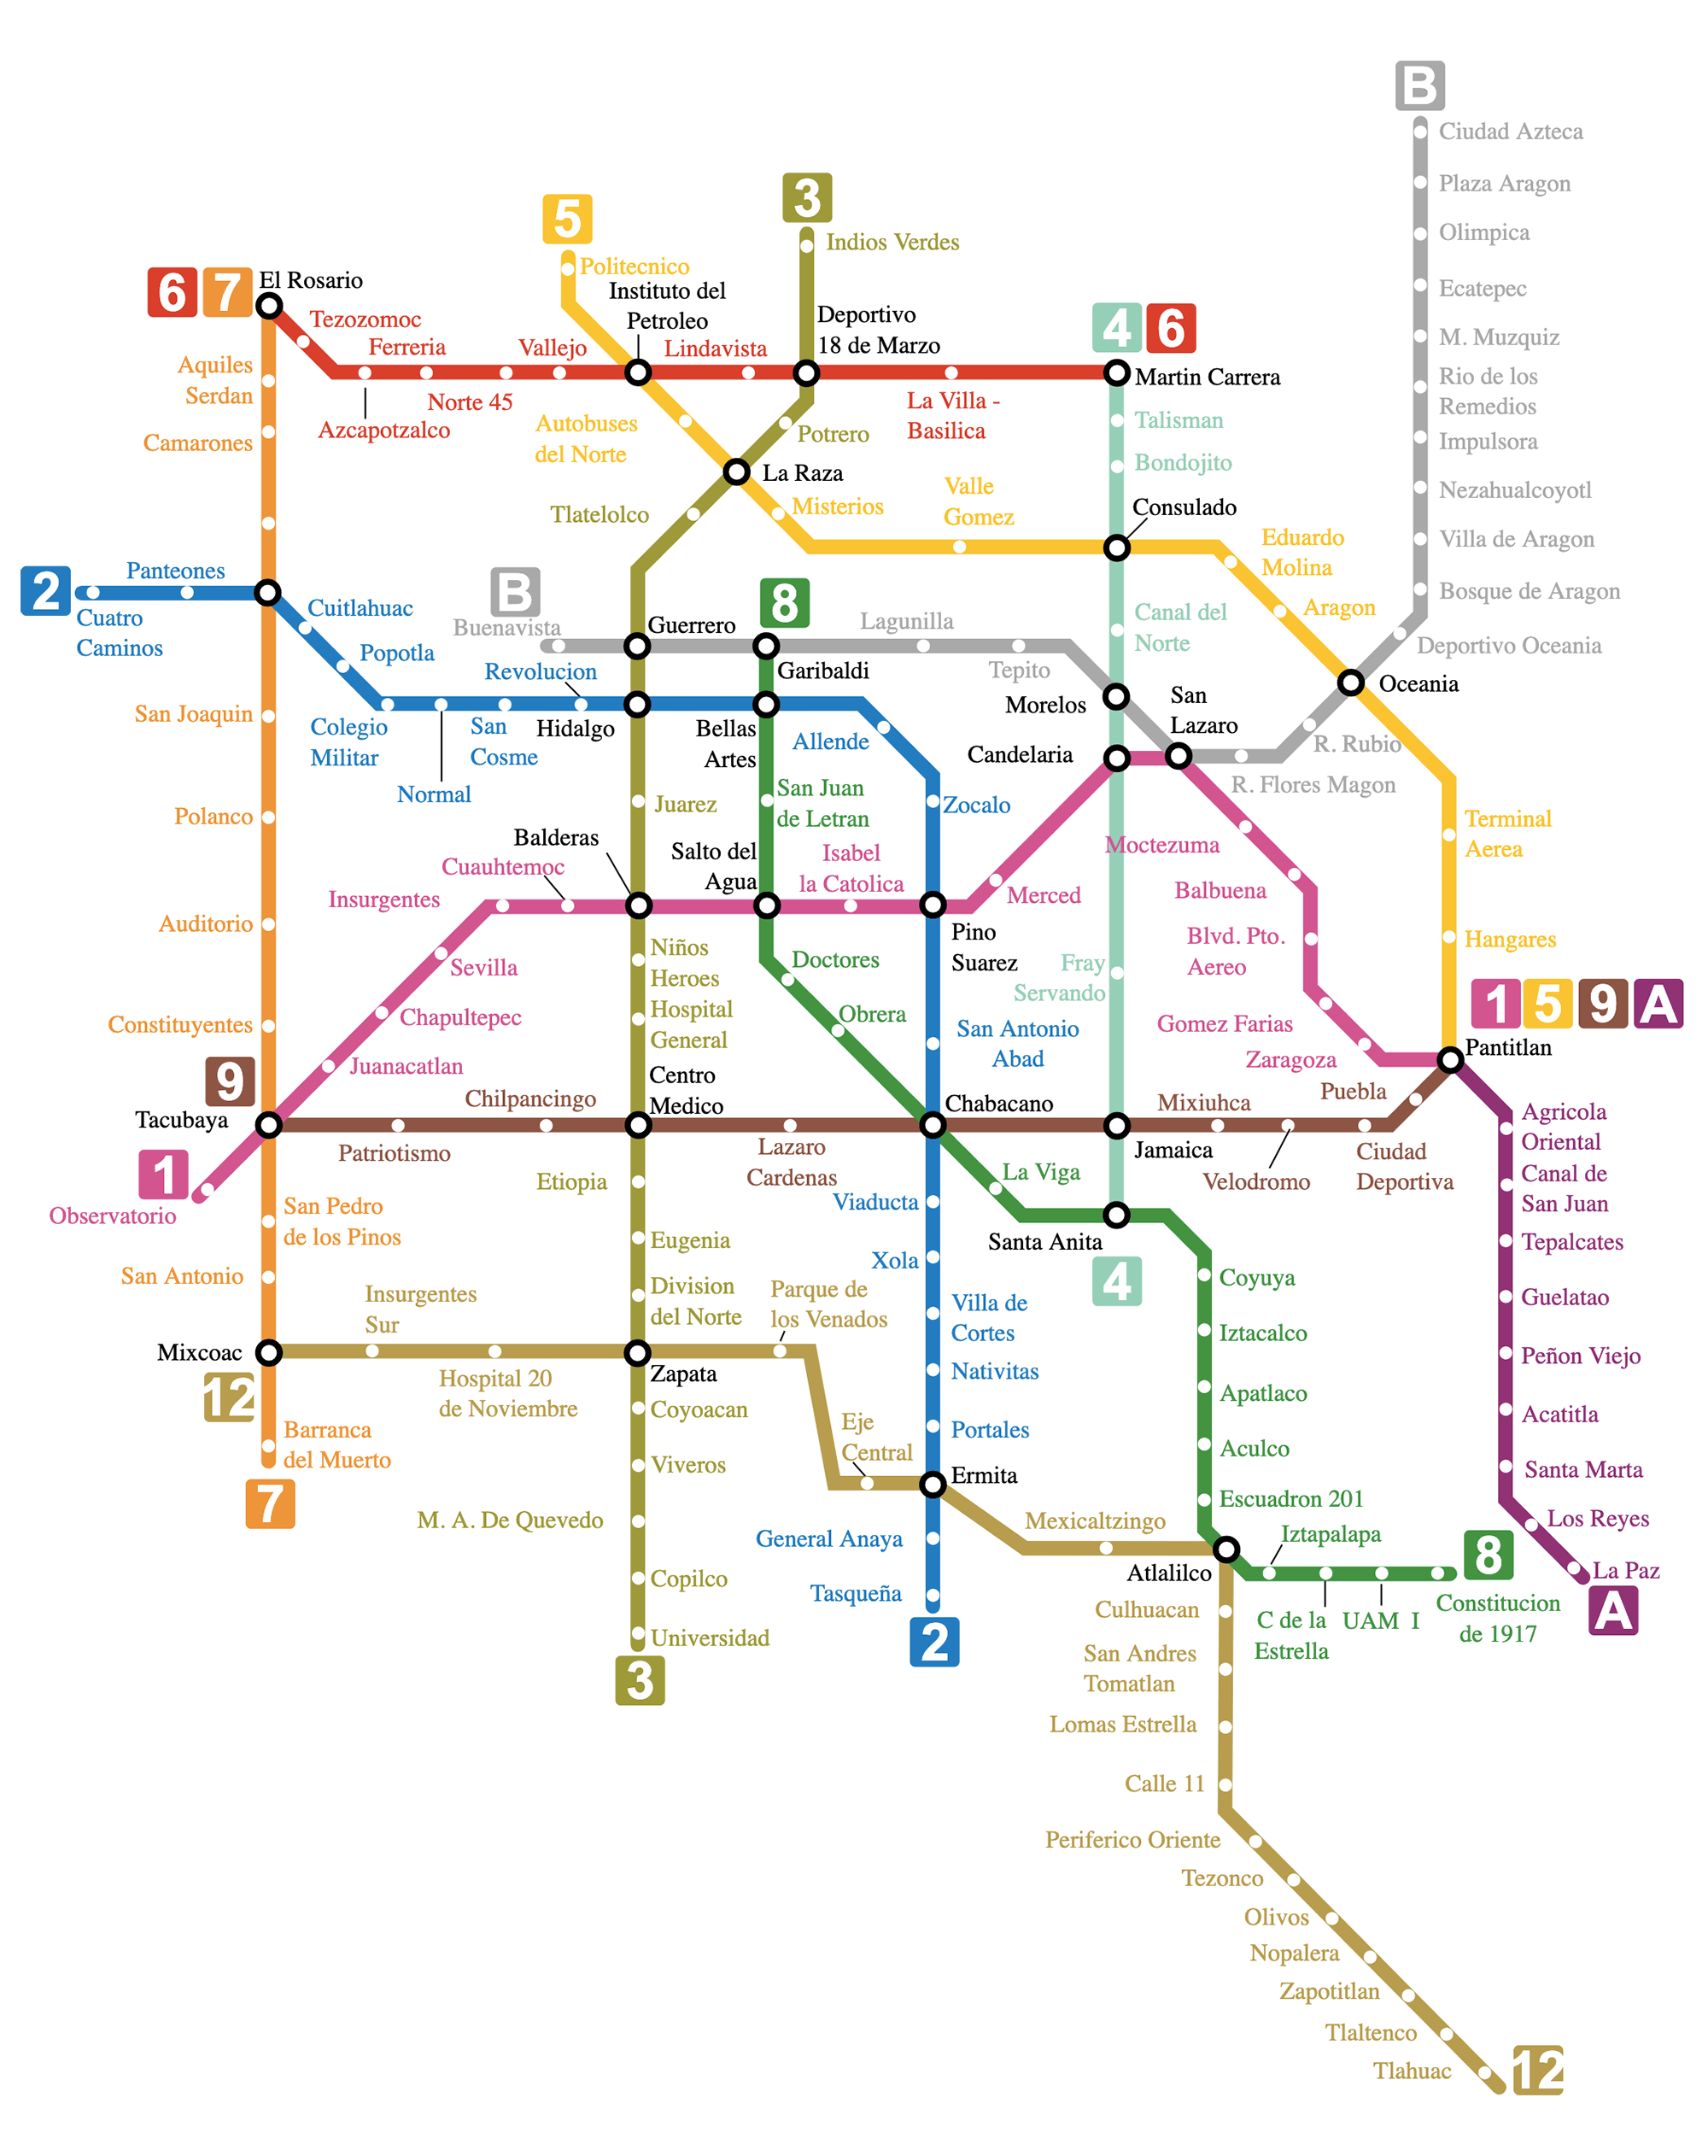 Карта метро в Мехико. Хотябы проезд на нем стоит дешево — всего 5 песо